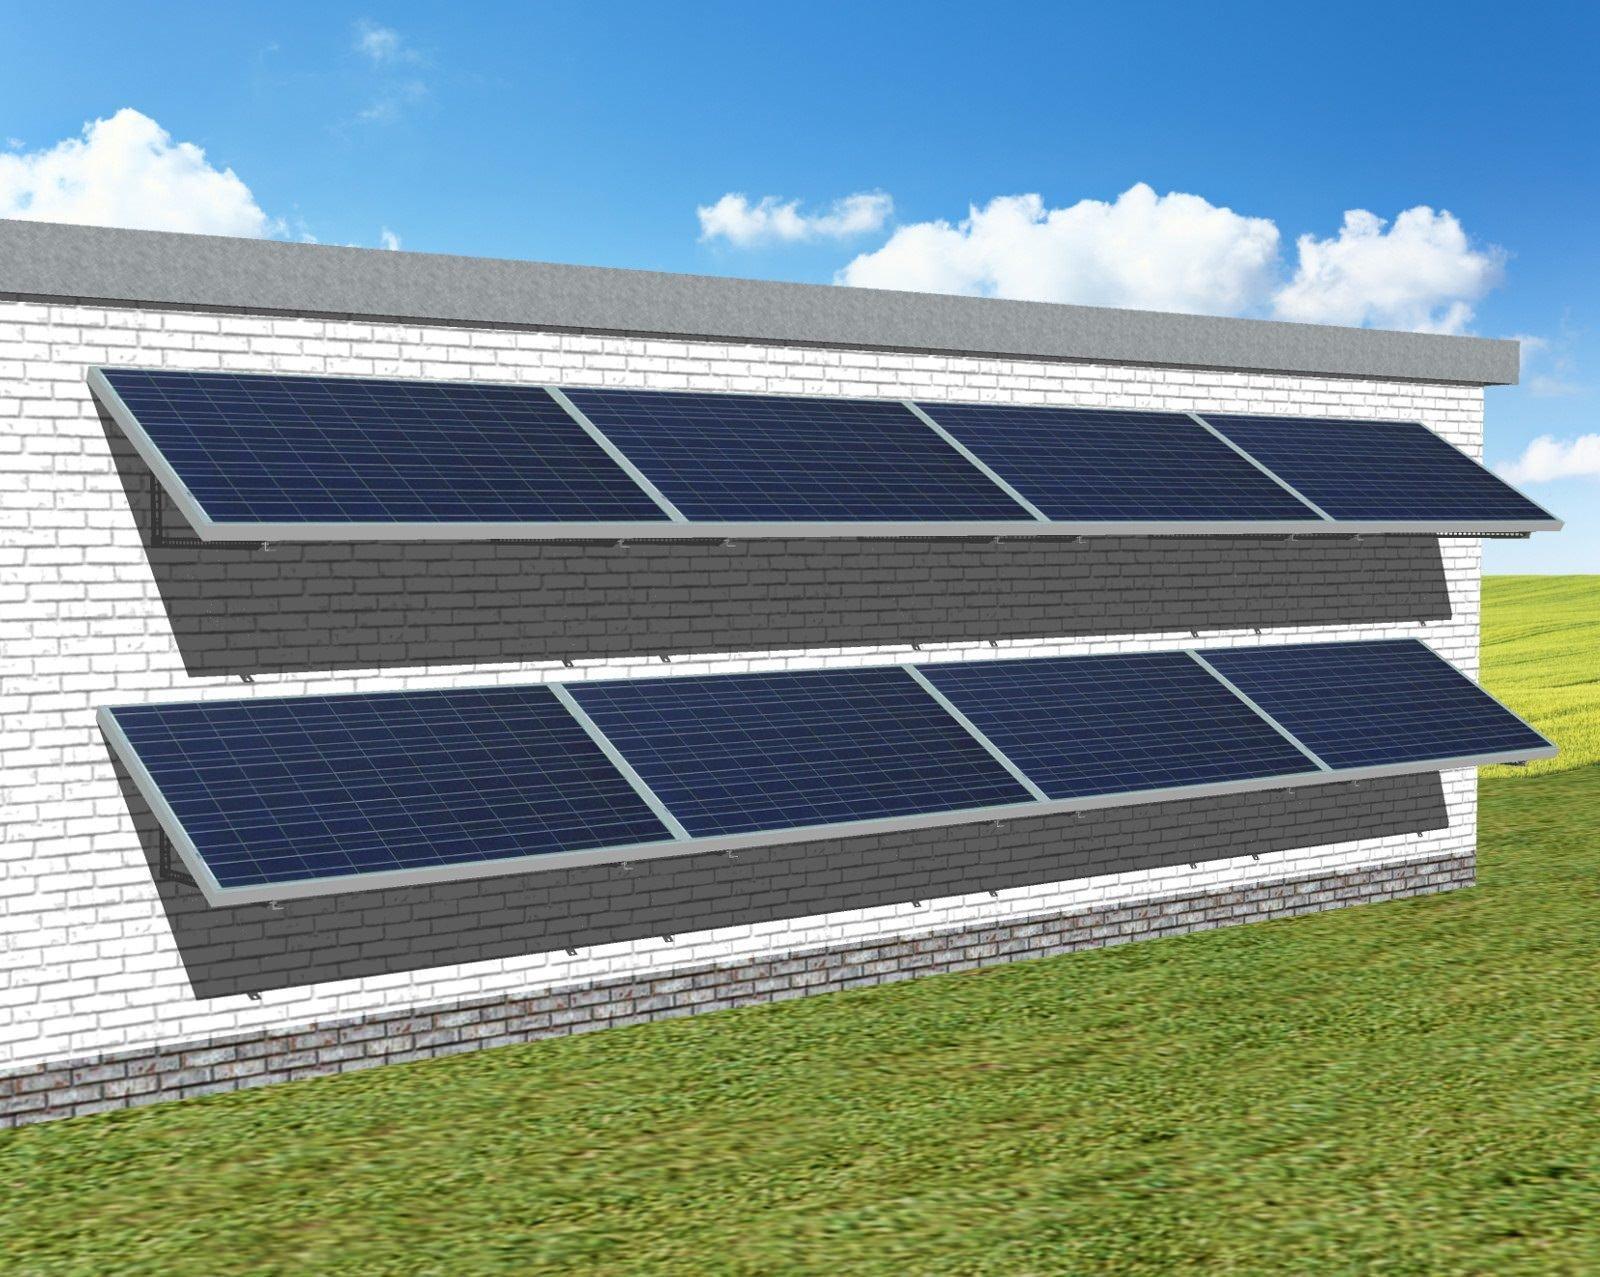 myCleantechSolarPower™ Solaranalage Fassade oder Carport mit 8 Pannels - Musterbild